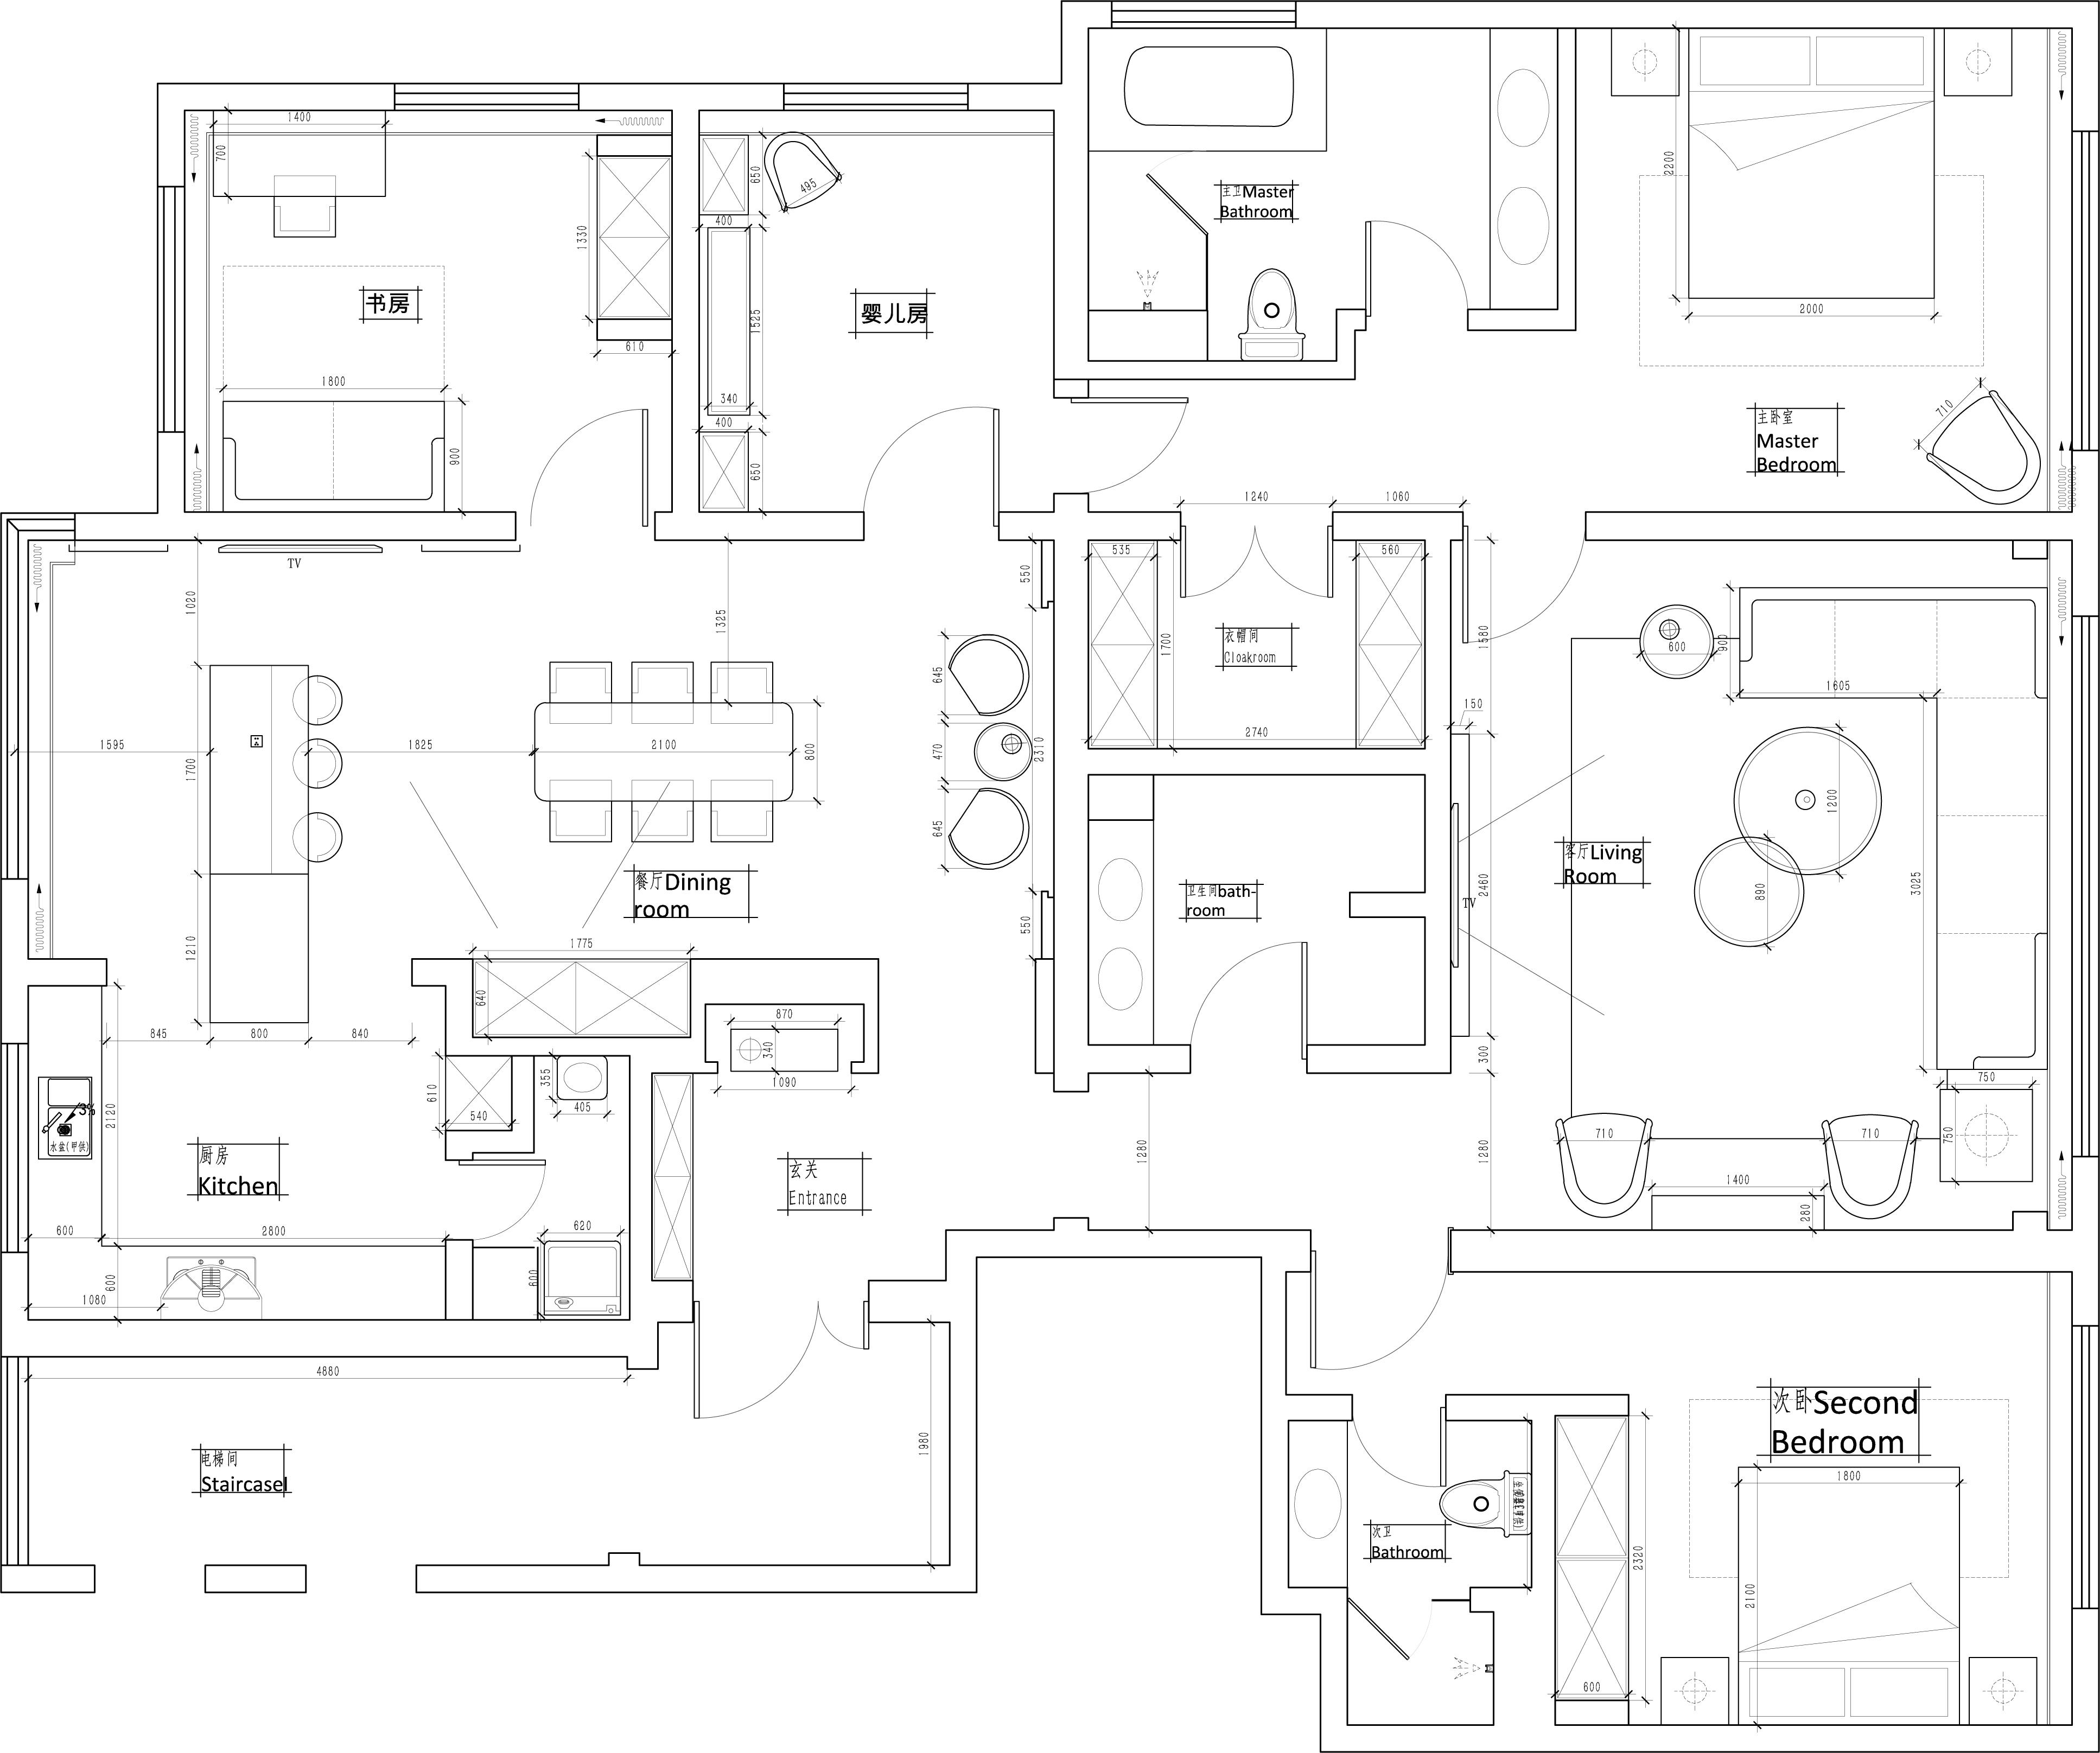 红玺台-新中式-210平米装修设计理念